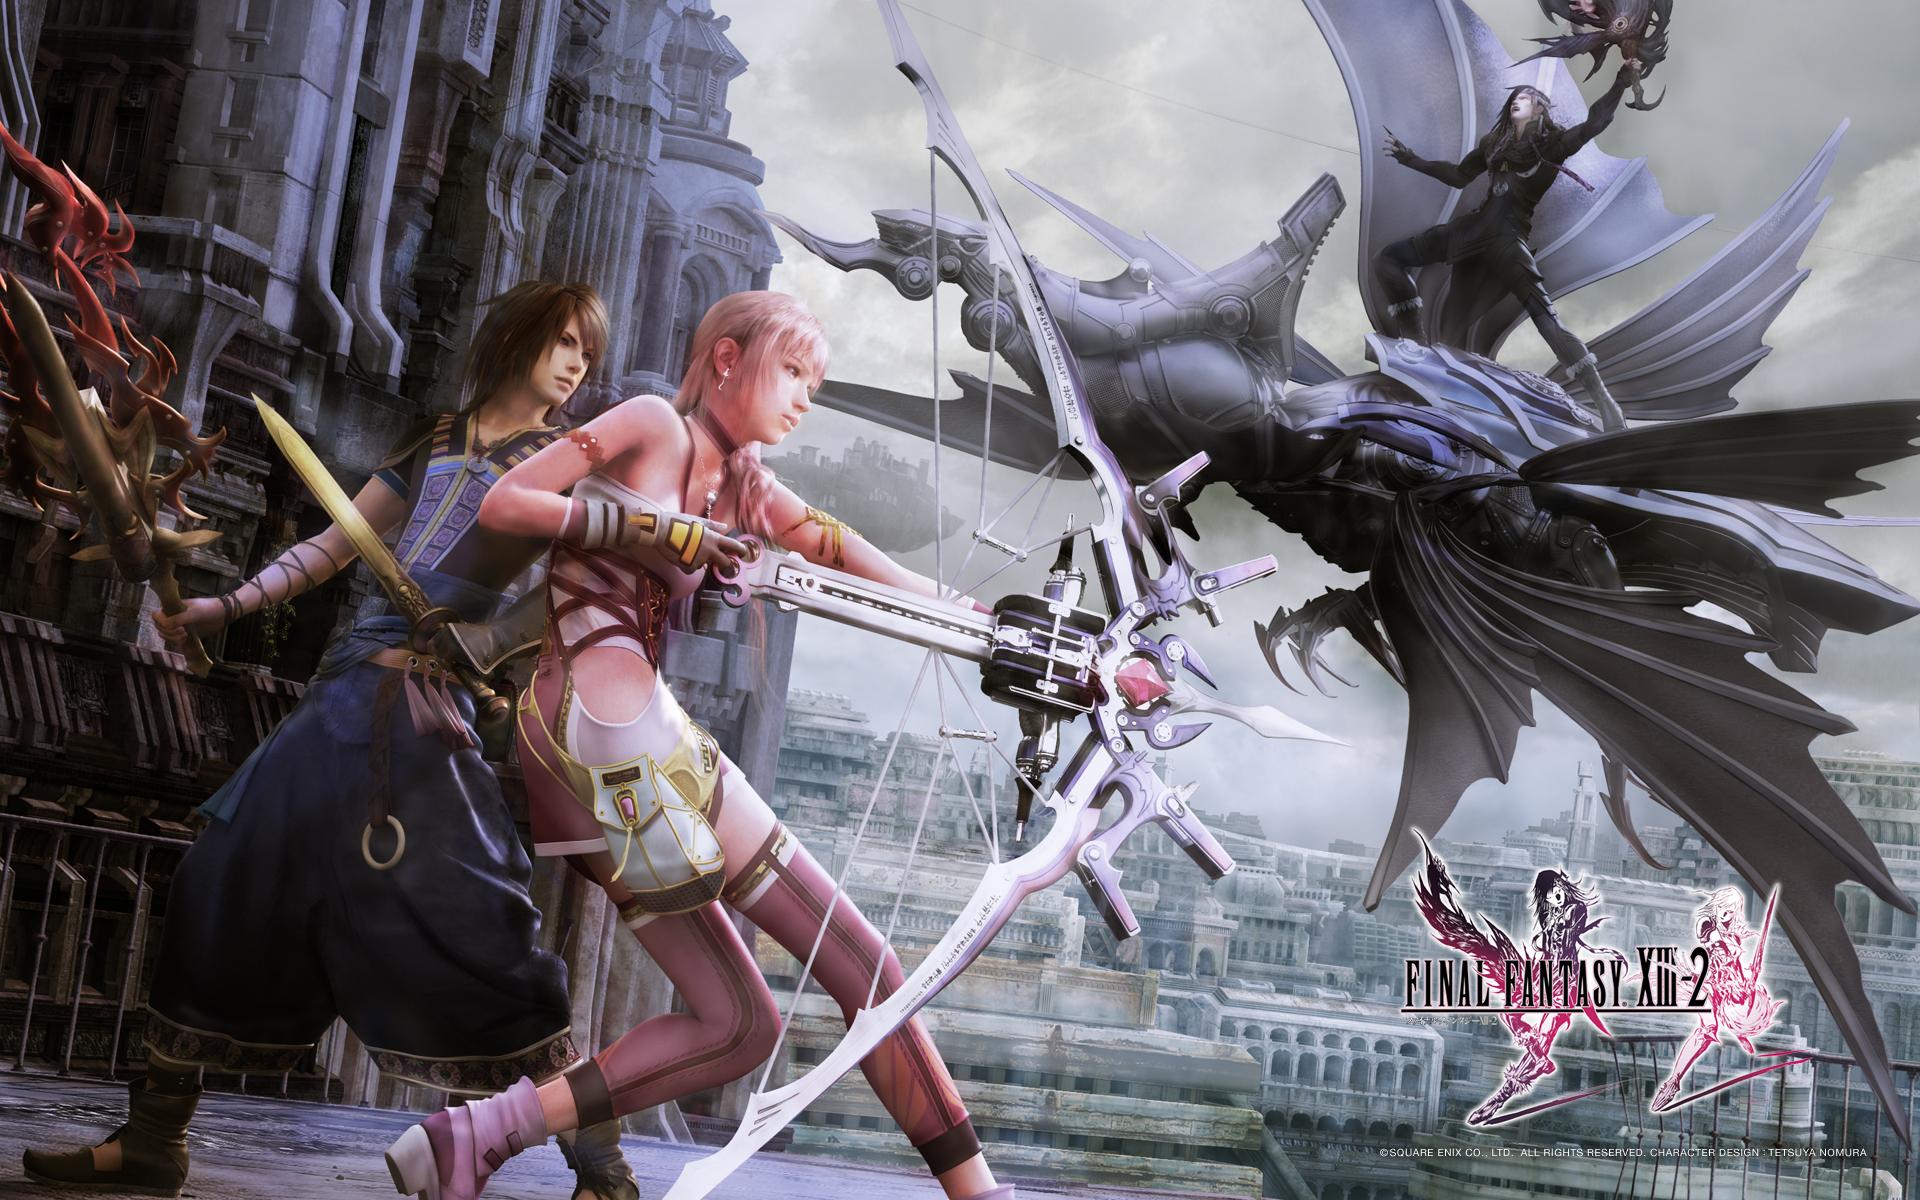 Final Fantasy XIII-2 Wallpapers - Lightning, Serah, Noel, Mog